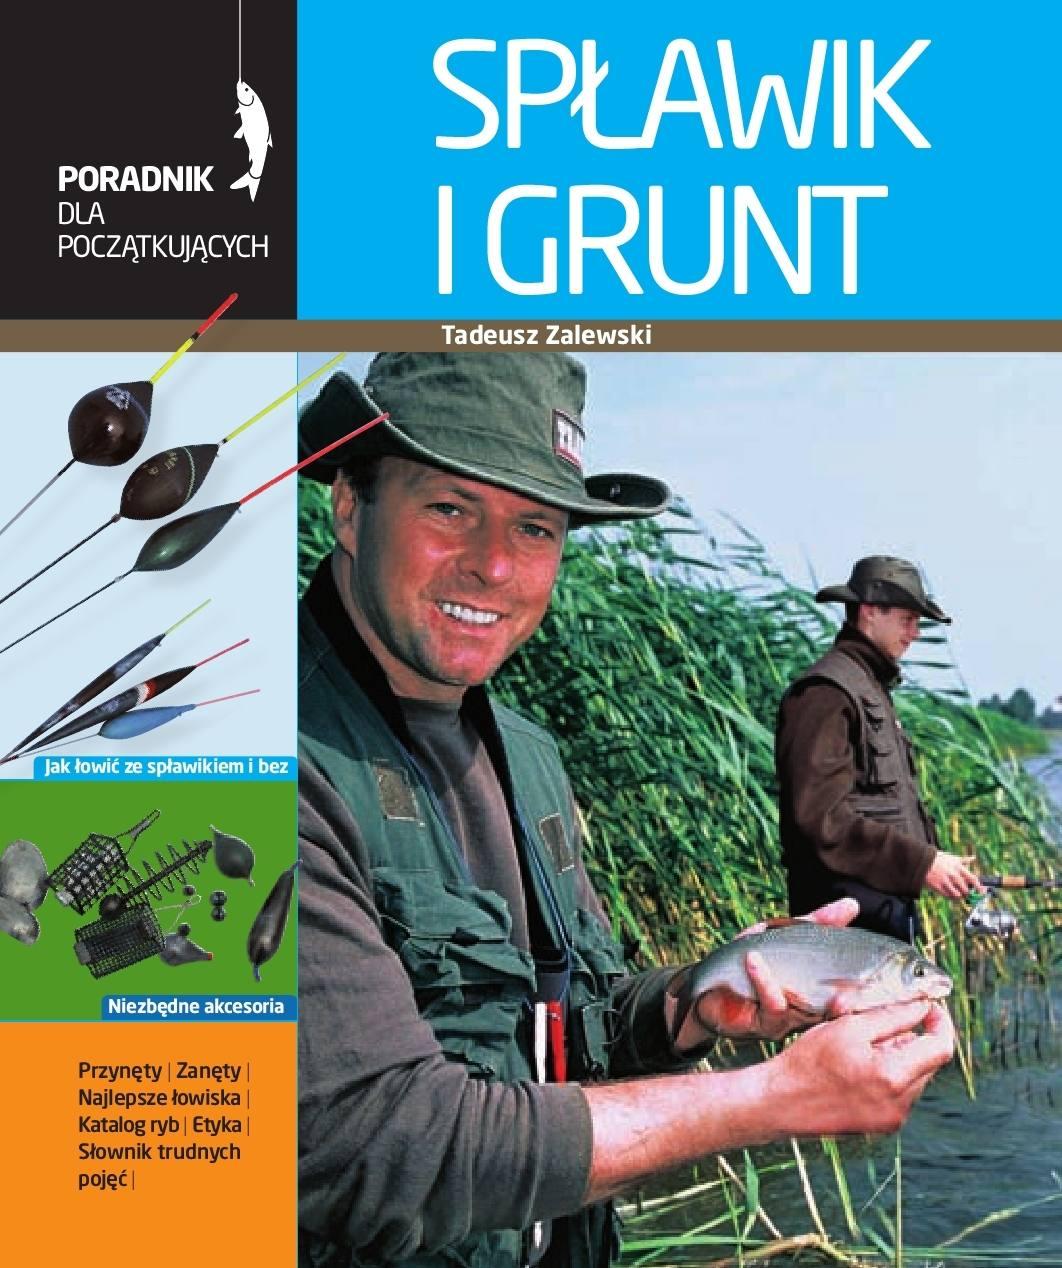 Spławik i grunt. Poradnik wędkarza - Ebook (Książka PDF) do pobrania w formacie PDF